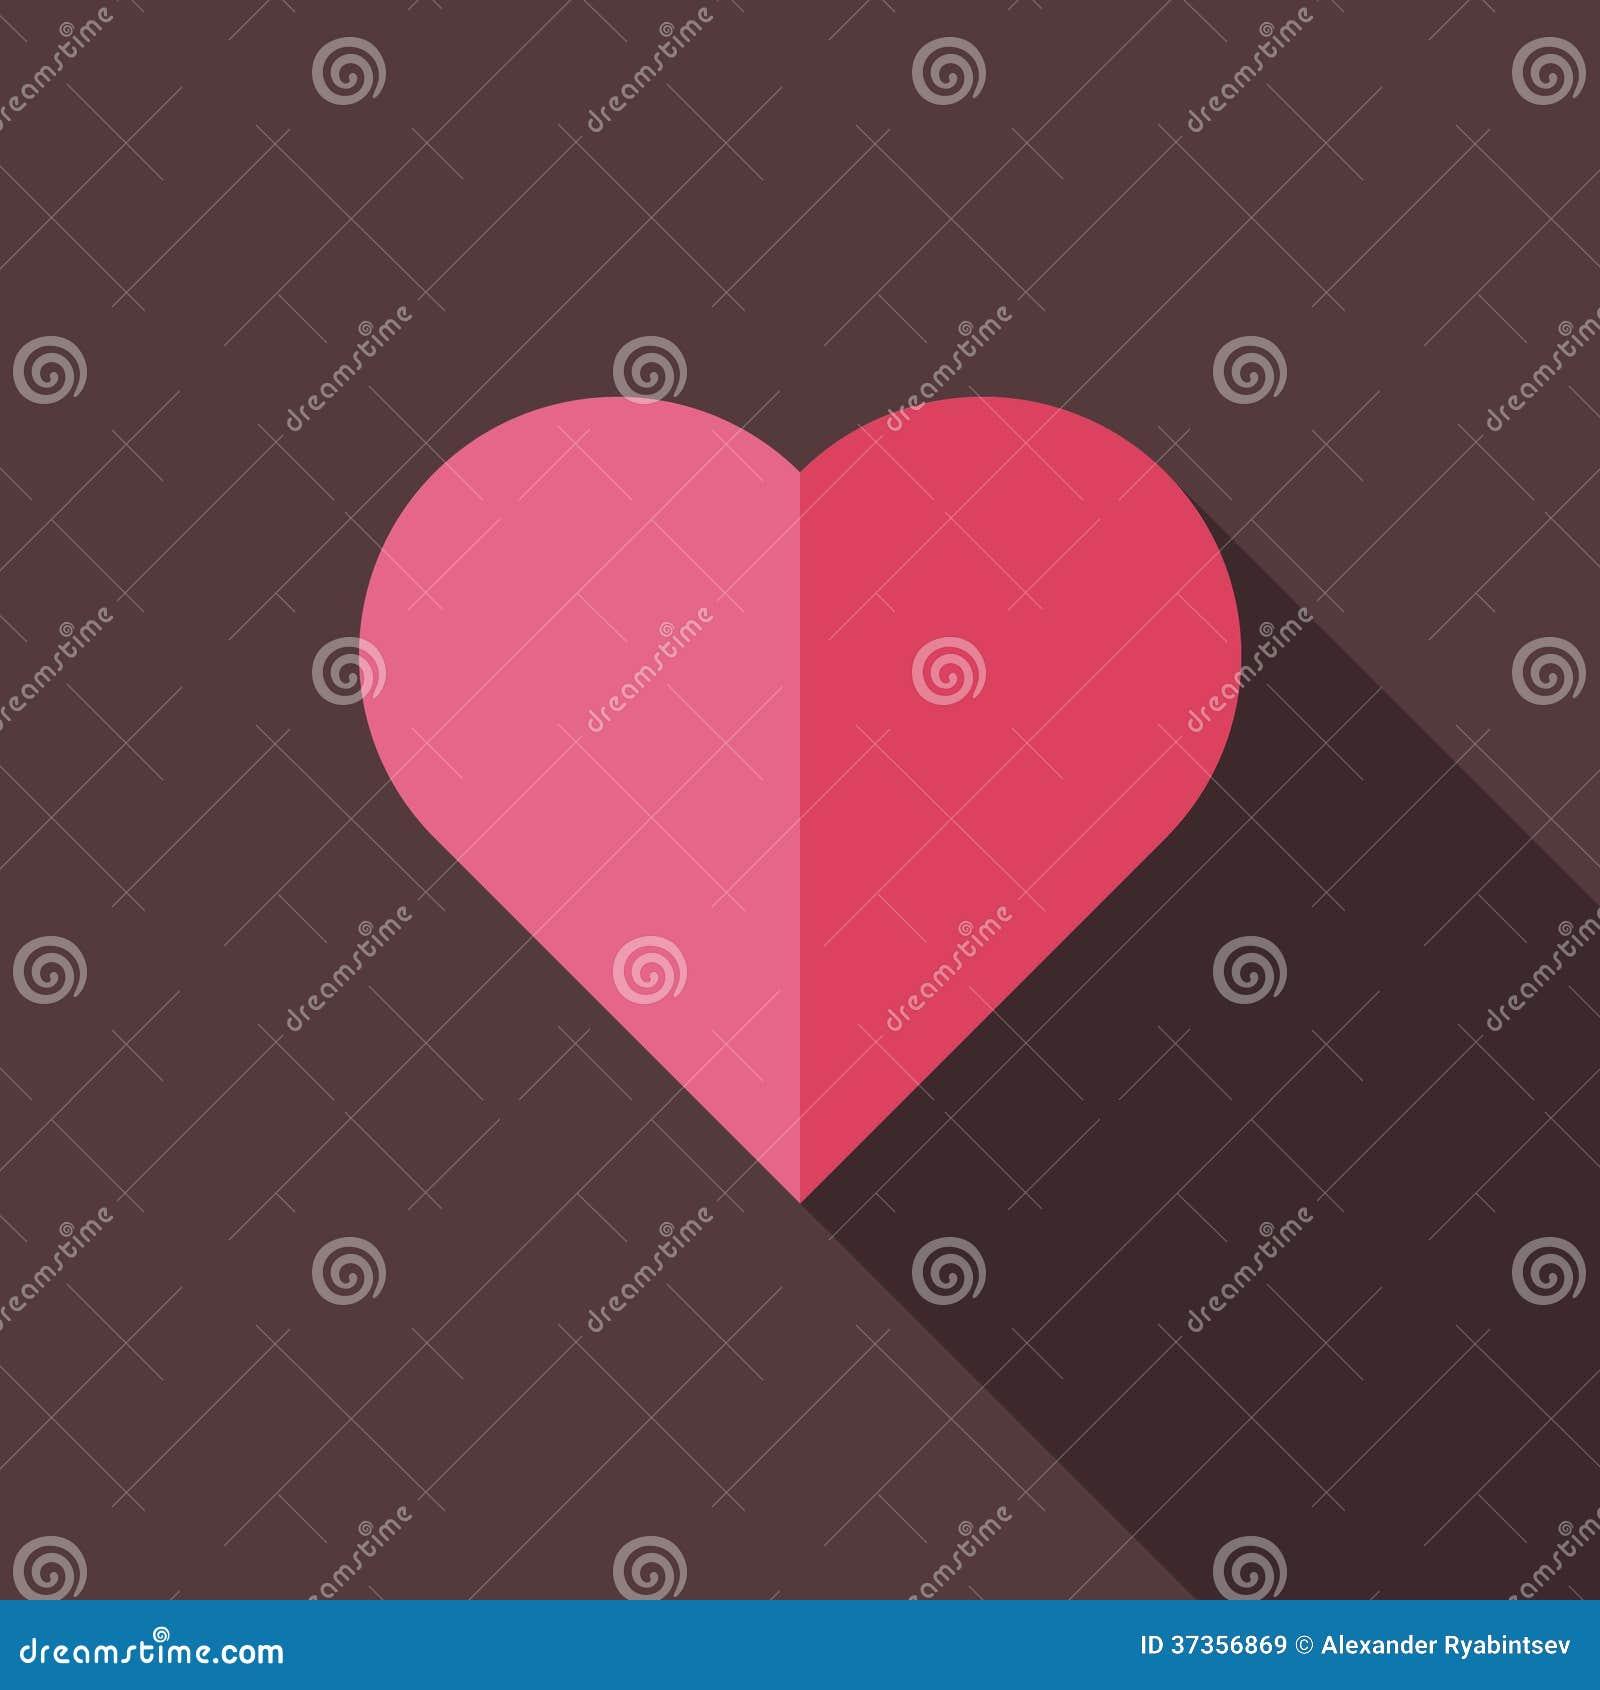 Plan illustration av hjärta